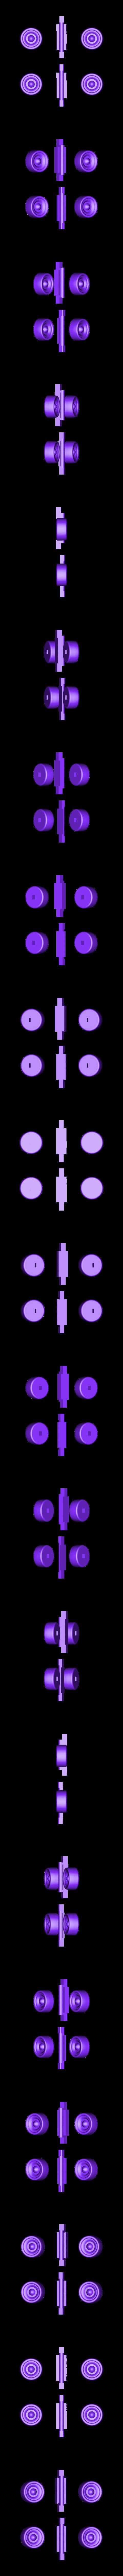 a1bd10b866b6b4203658ac2c5636d6d41e0921c2.stl Télécharger fichier STL gratuit Camionnette de jouet • Design à imprimer en 3D, 3DPrintingOne